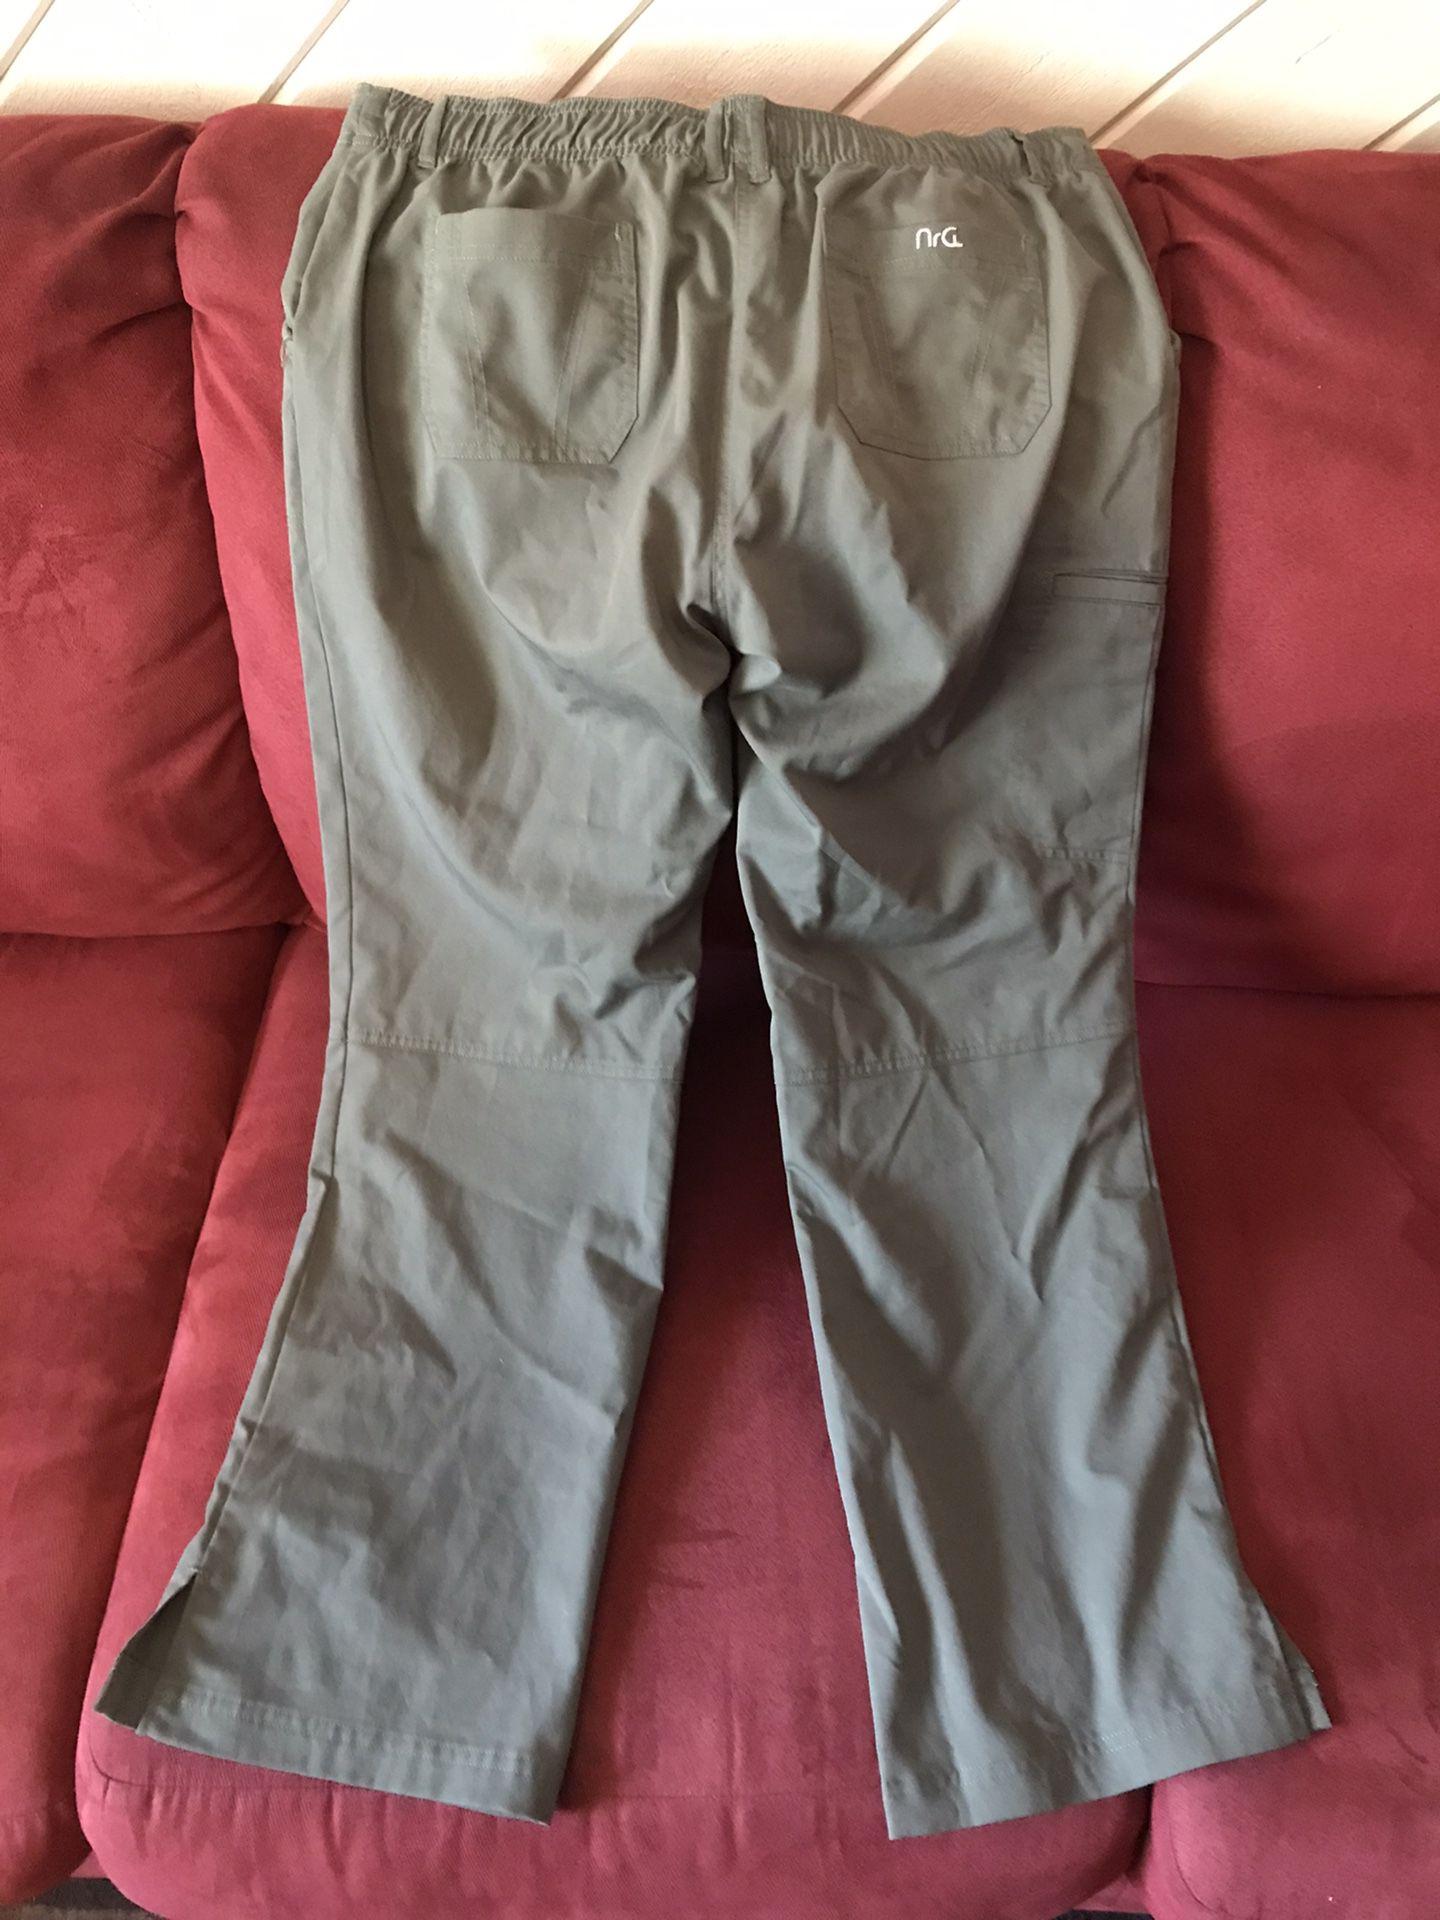 Scrubs, like new pants, woman size L, $12